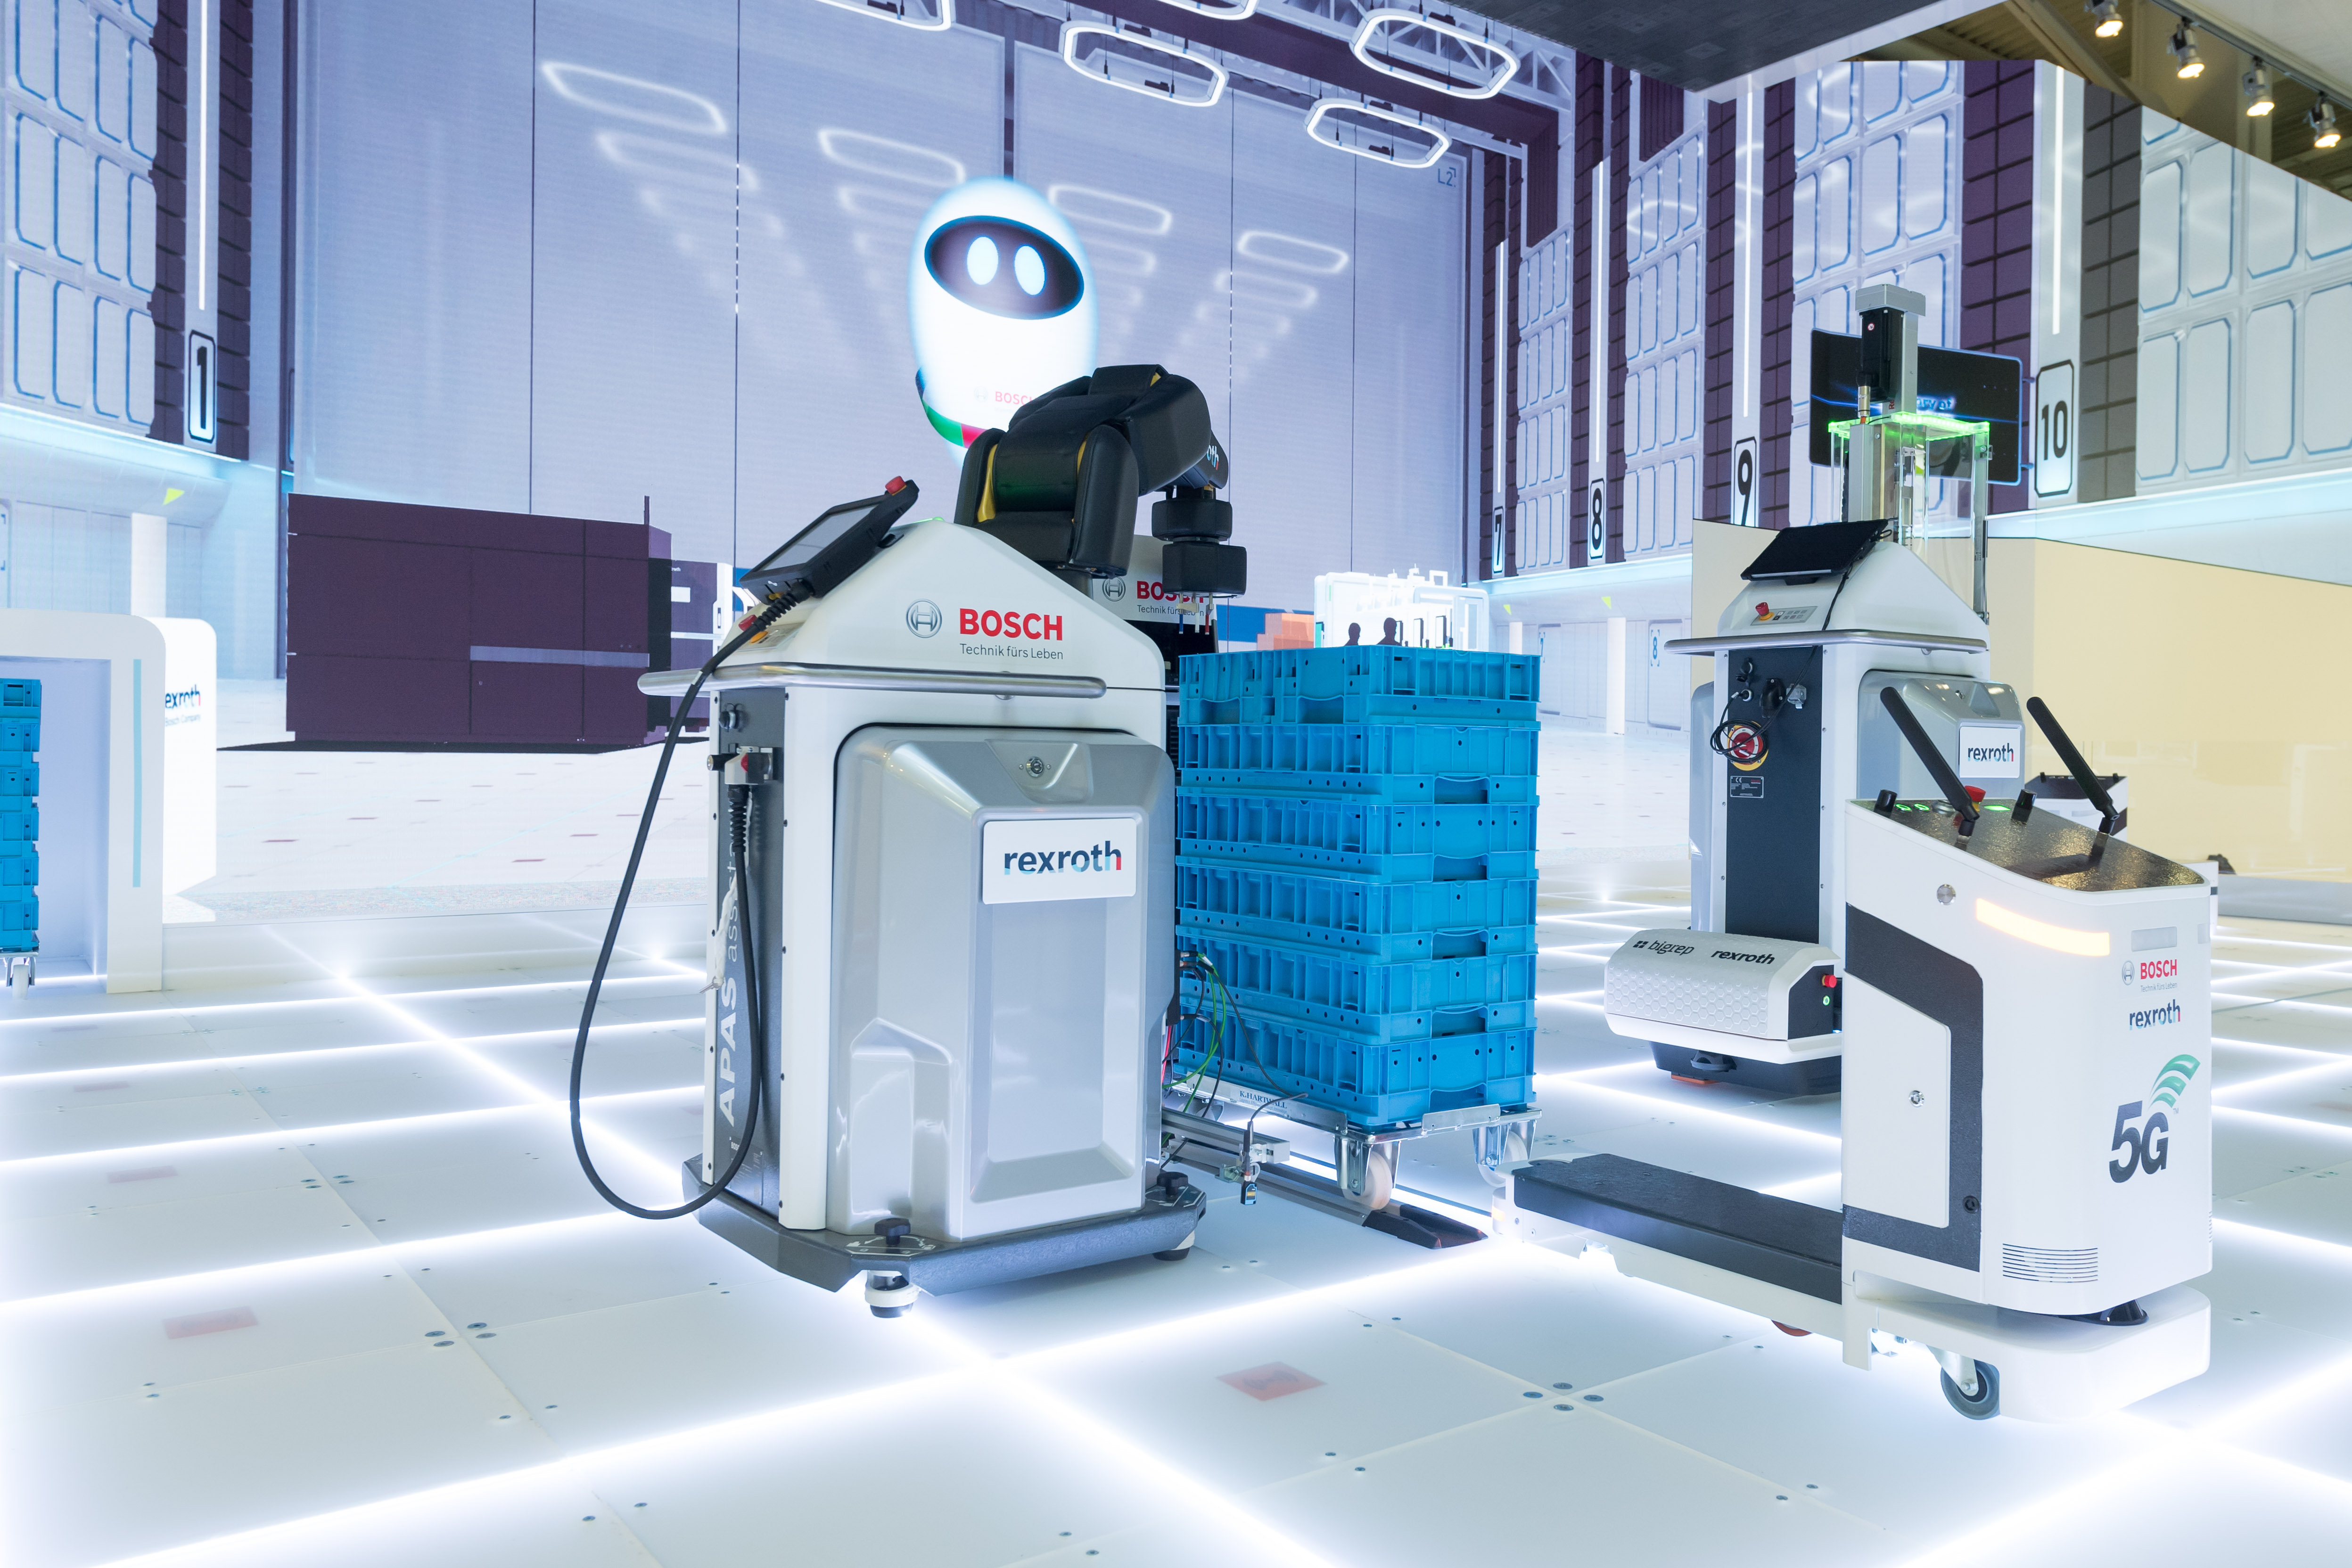 Továreň budúcnosti: Bosch pretvára víziu na realitu